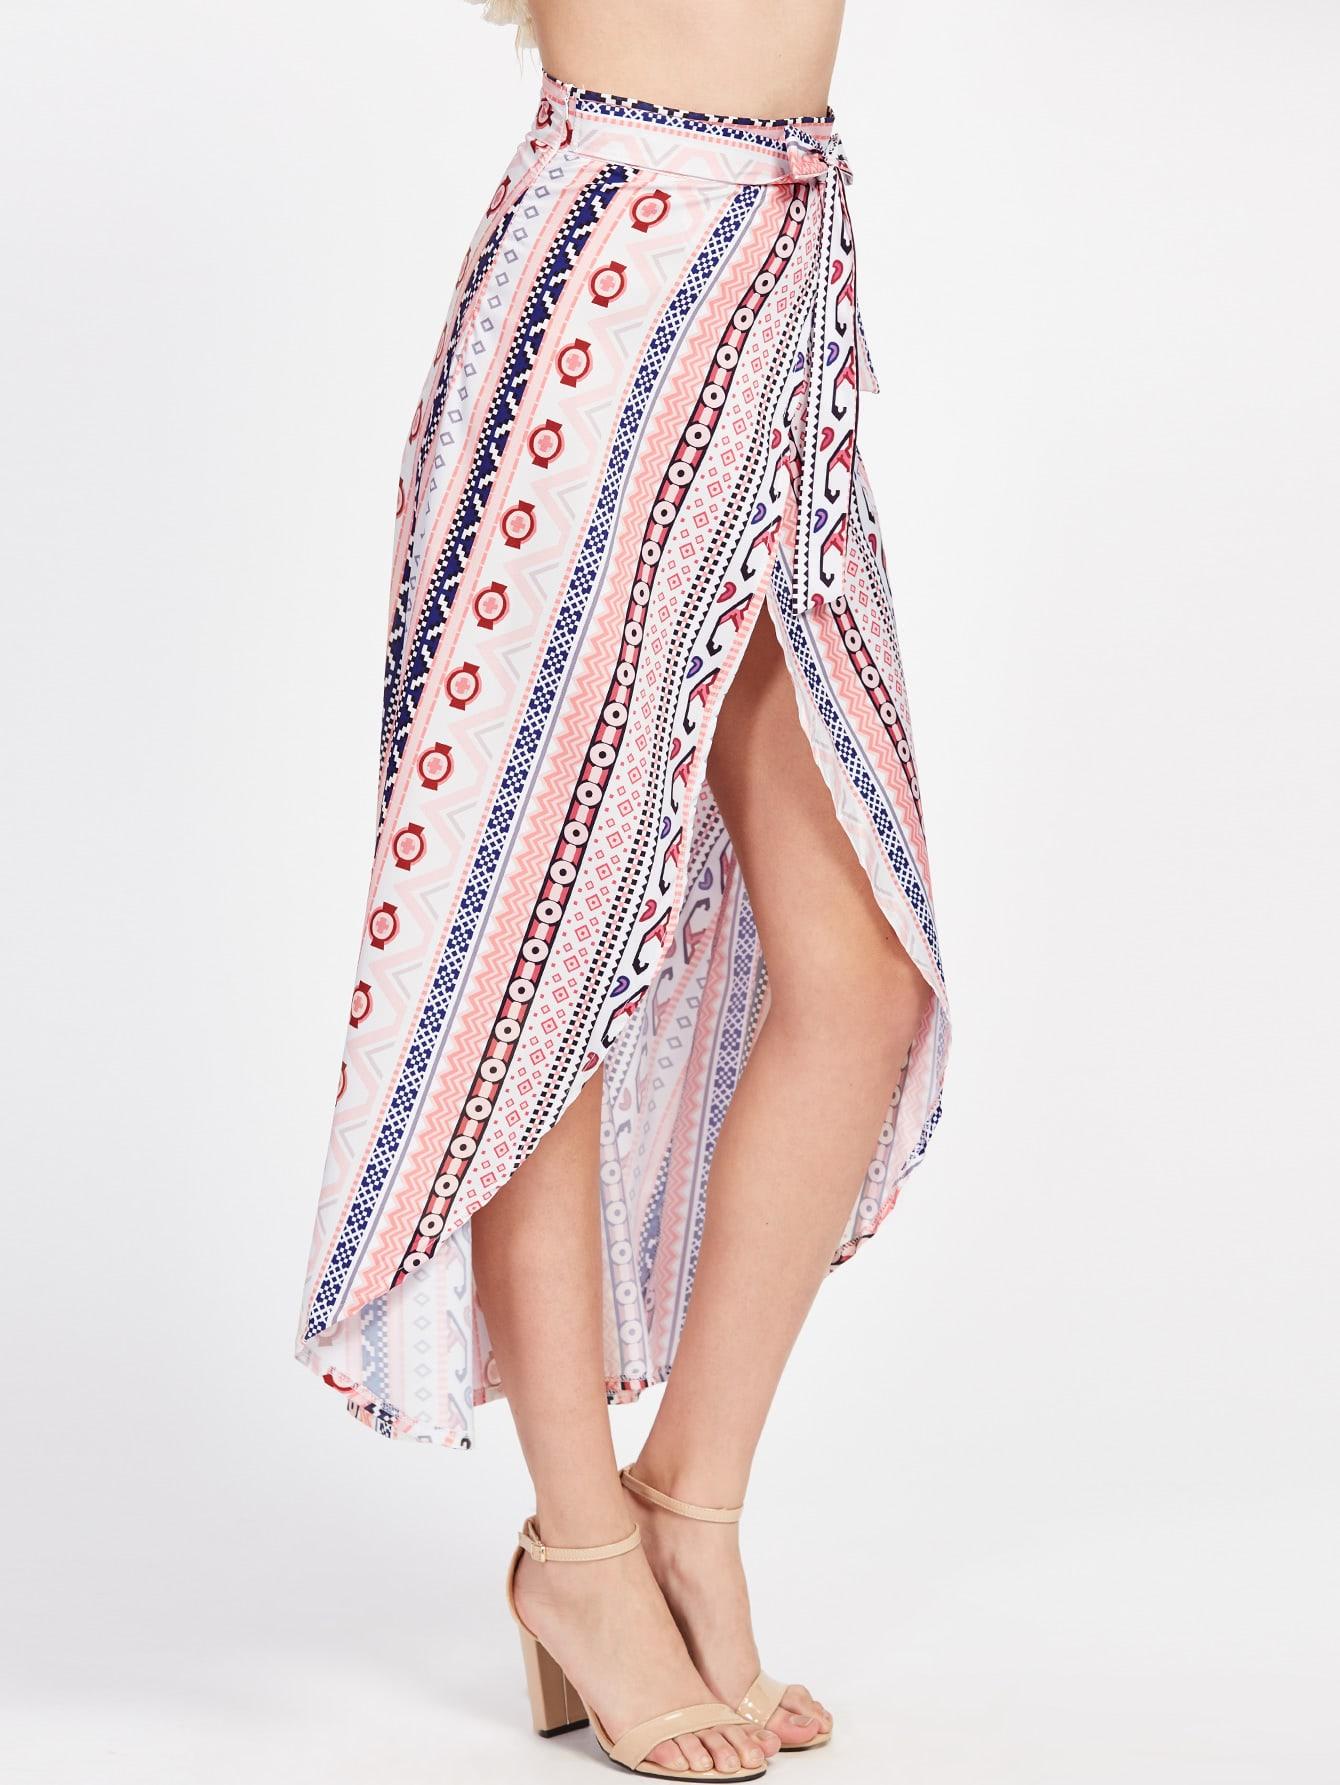 Tribal Print Wrap Tie Side Maxi Skirt -SheIn(Sheinside)